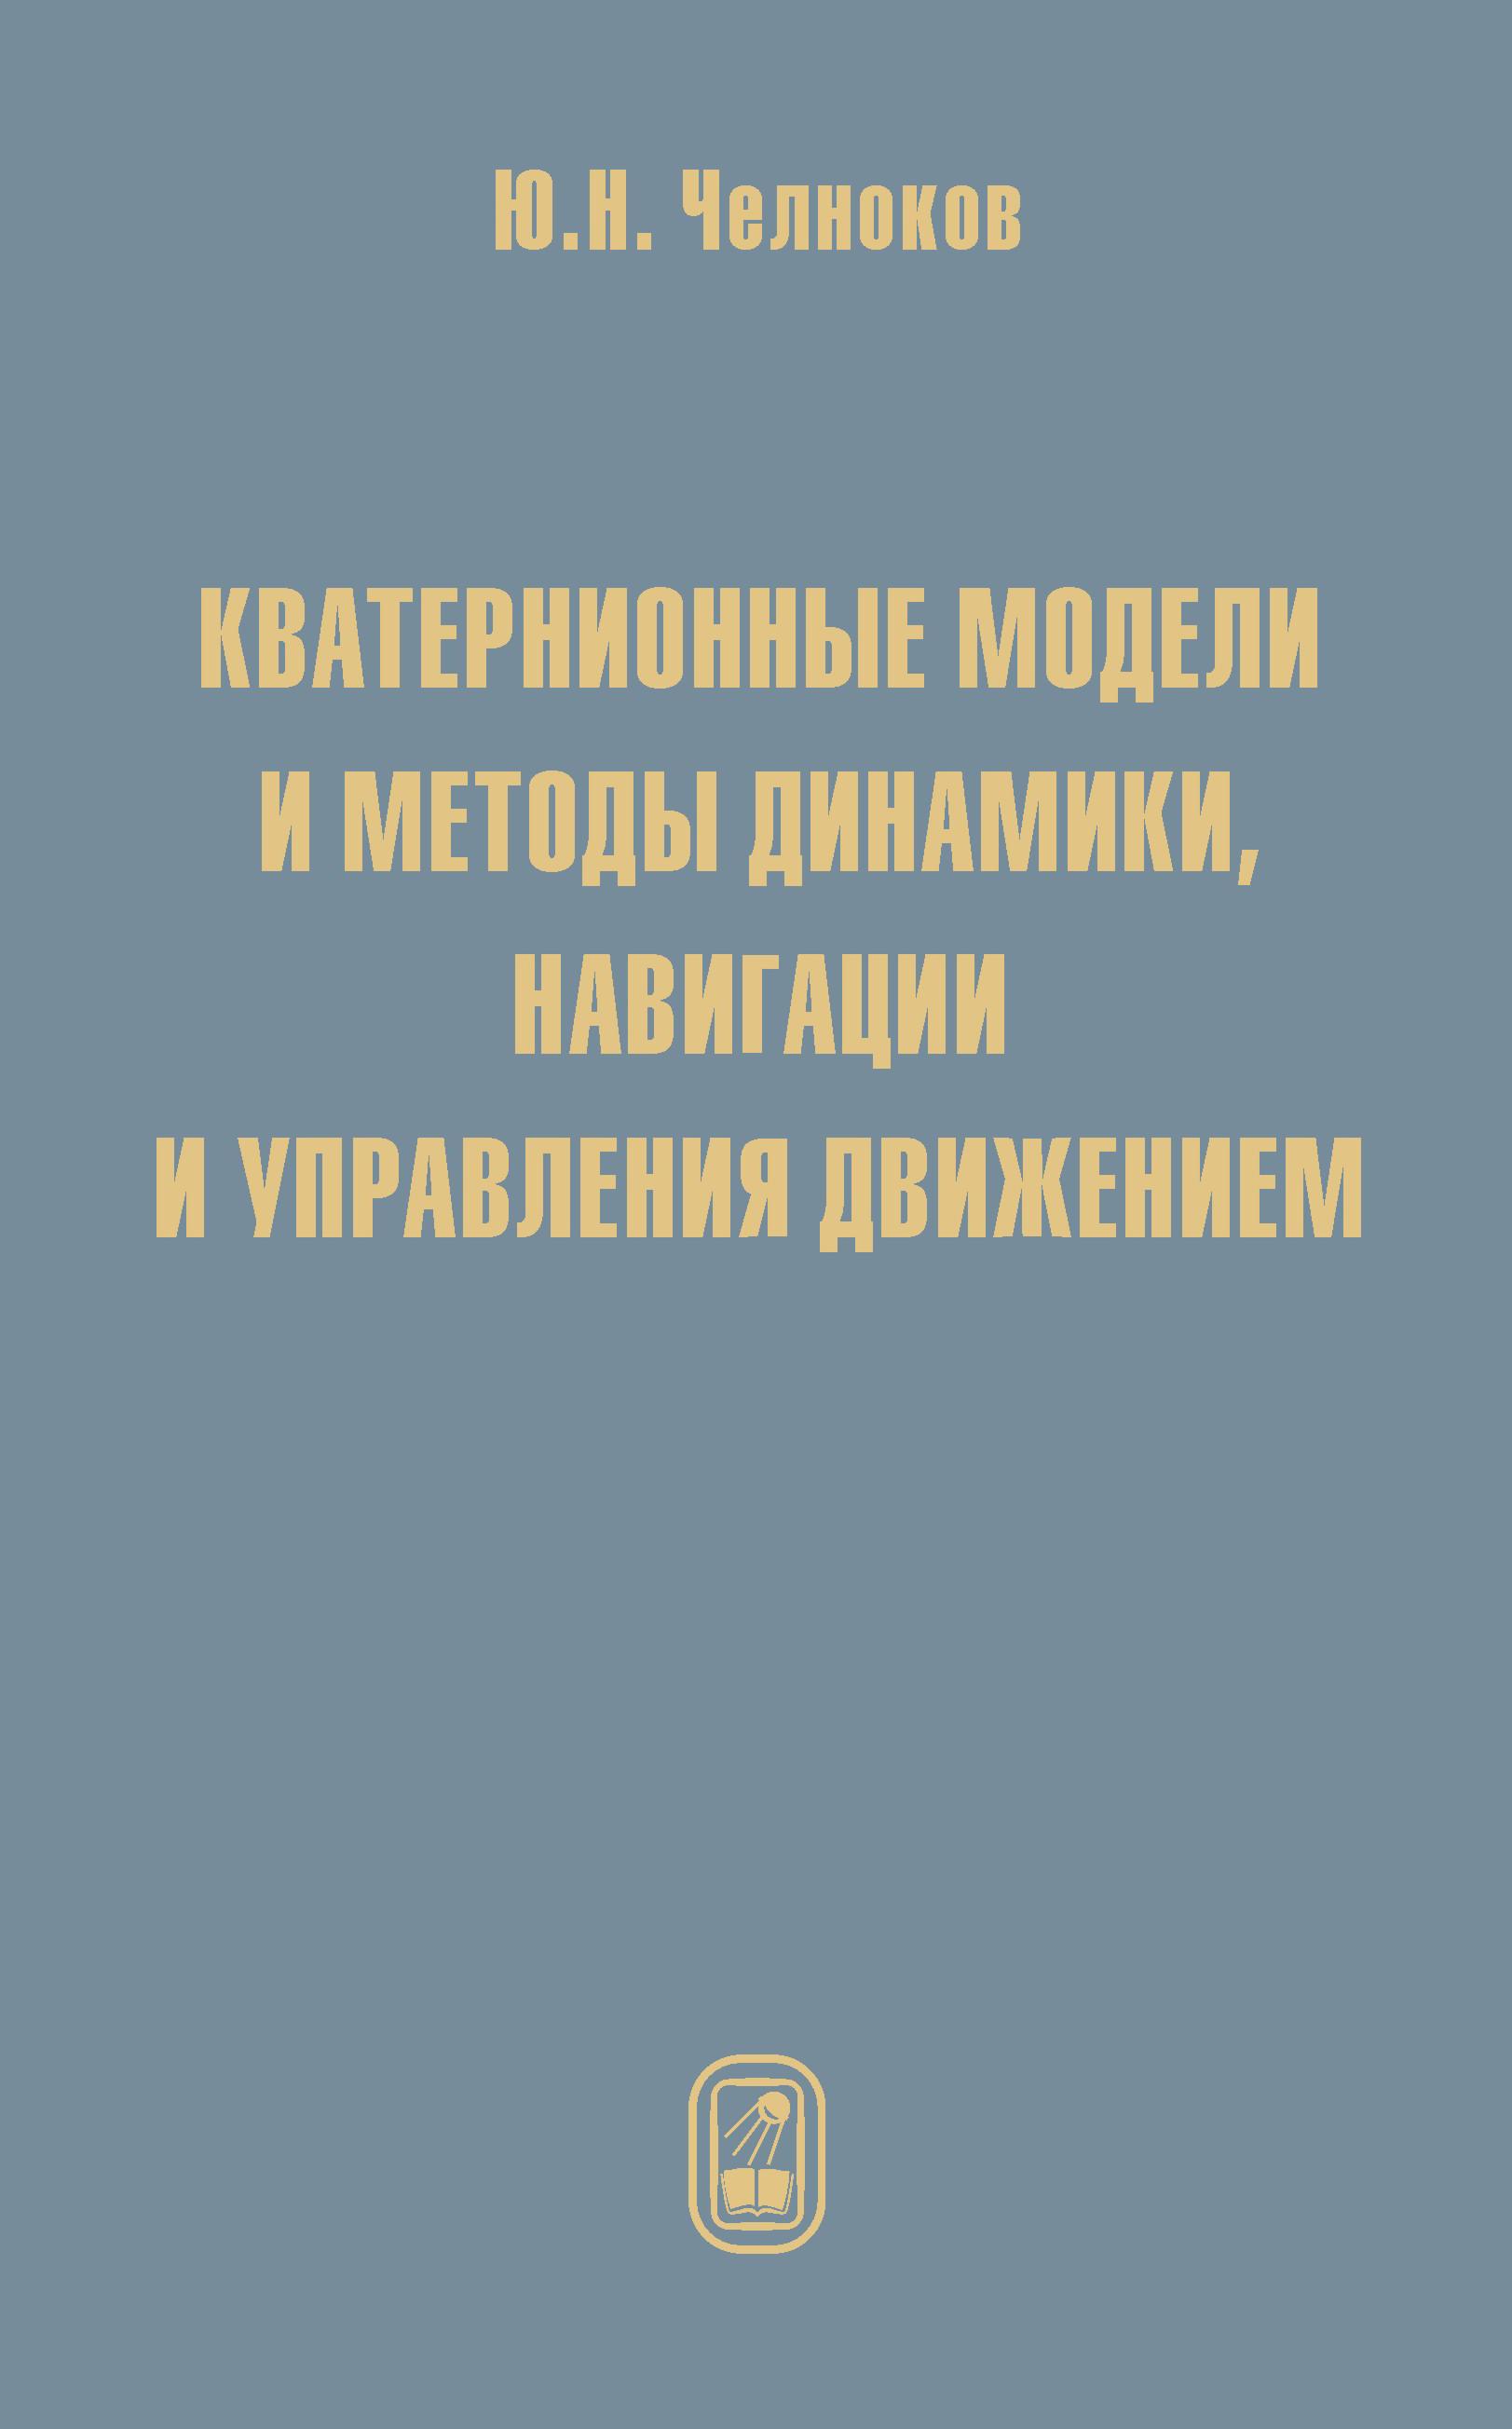 Юрий Челноков Кватернионные модели и методы динамики, навигации и управления движением цена 2017